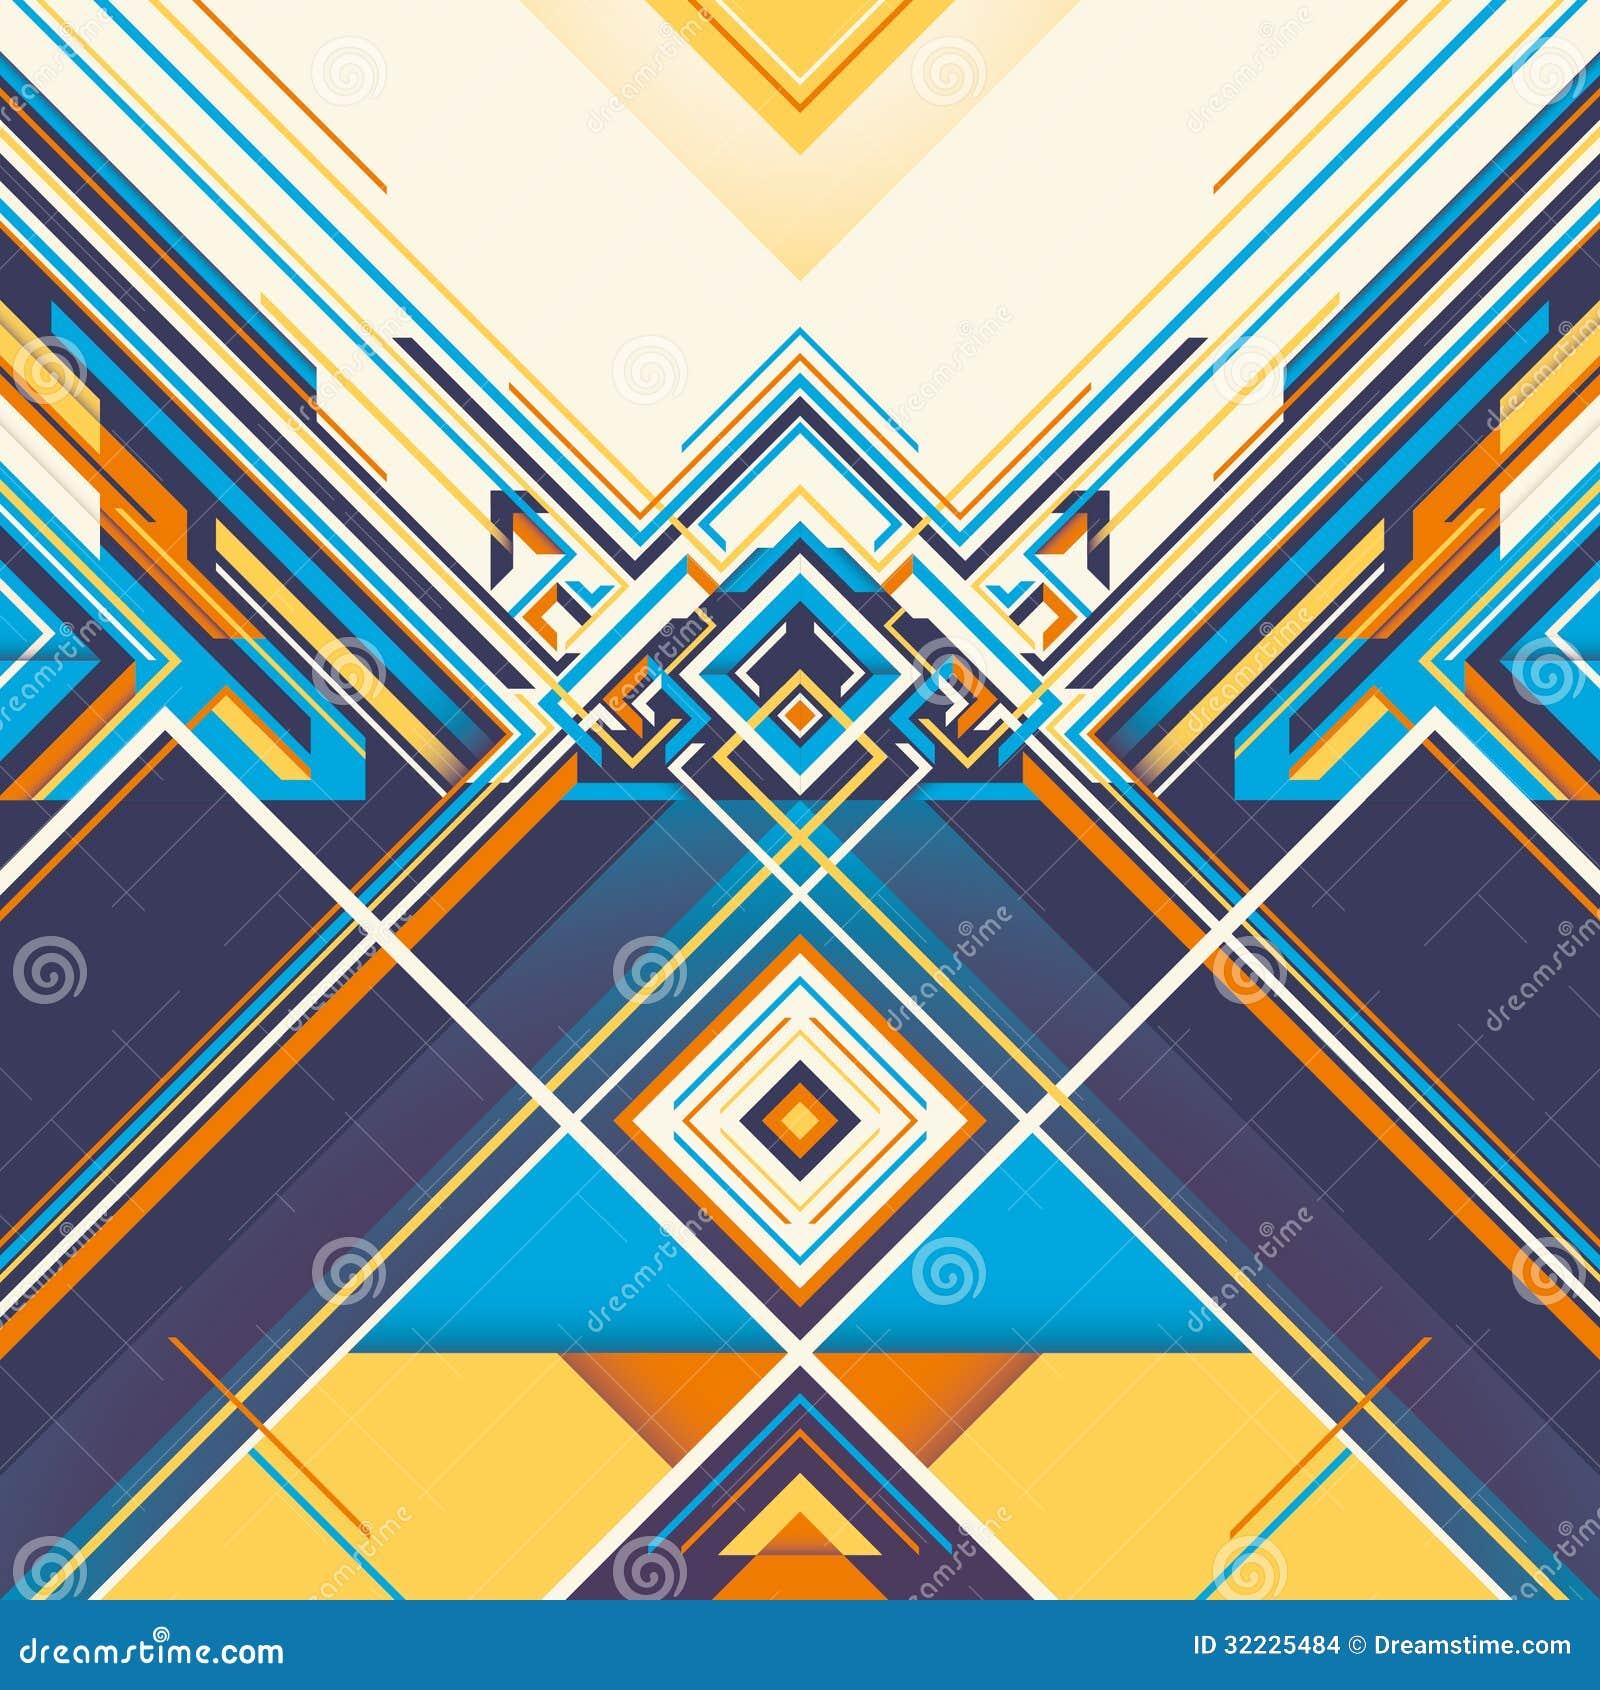 Download Gráfico Geométrico Colorido. Ilustração do Vetor - Ilustração de cabeçalho, colorido: 32225484